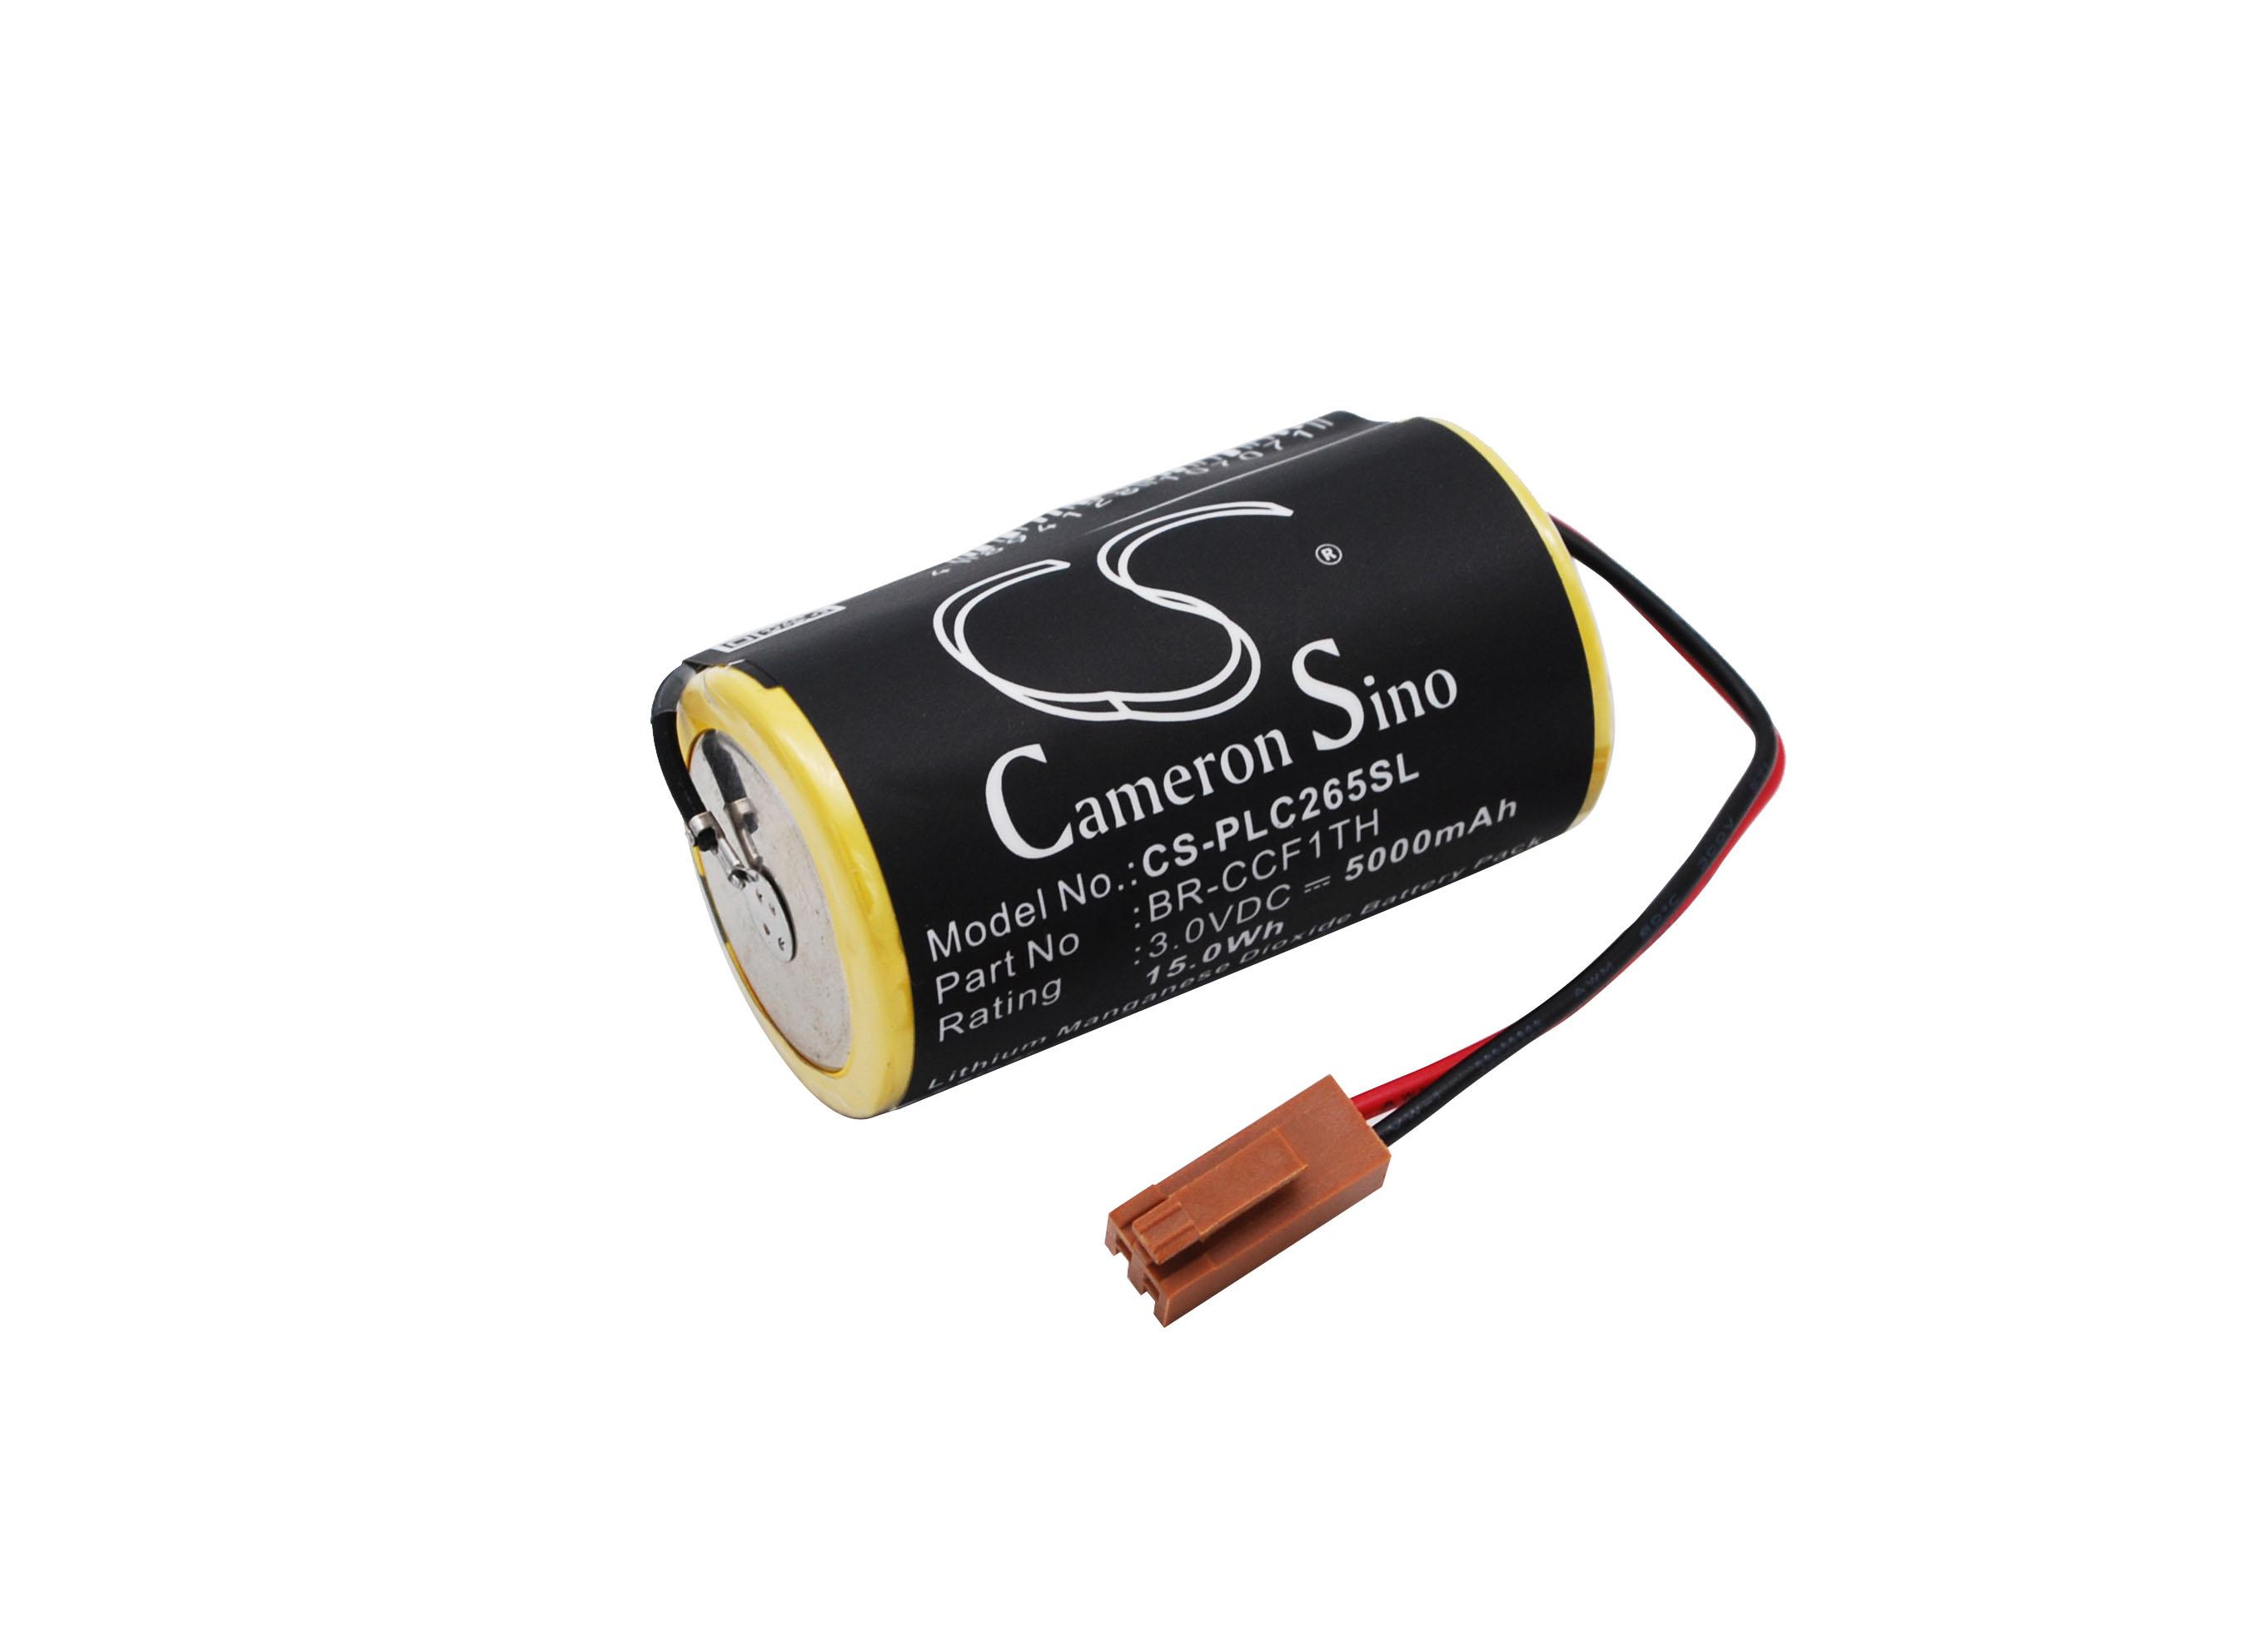 Cameron Sino baterie plc za BR26500 3V Li-MnO2 5000mAh žlutá - neoriginální